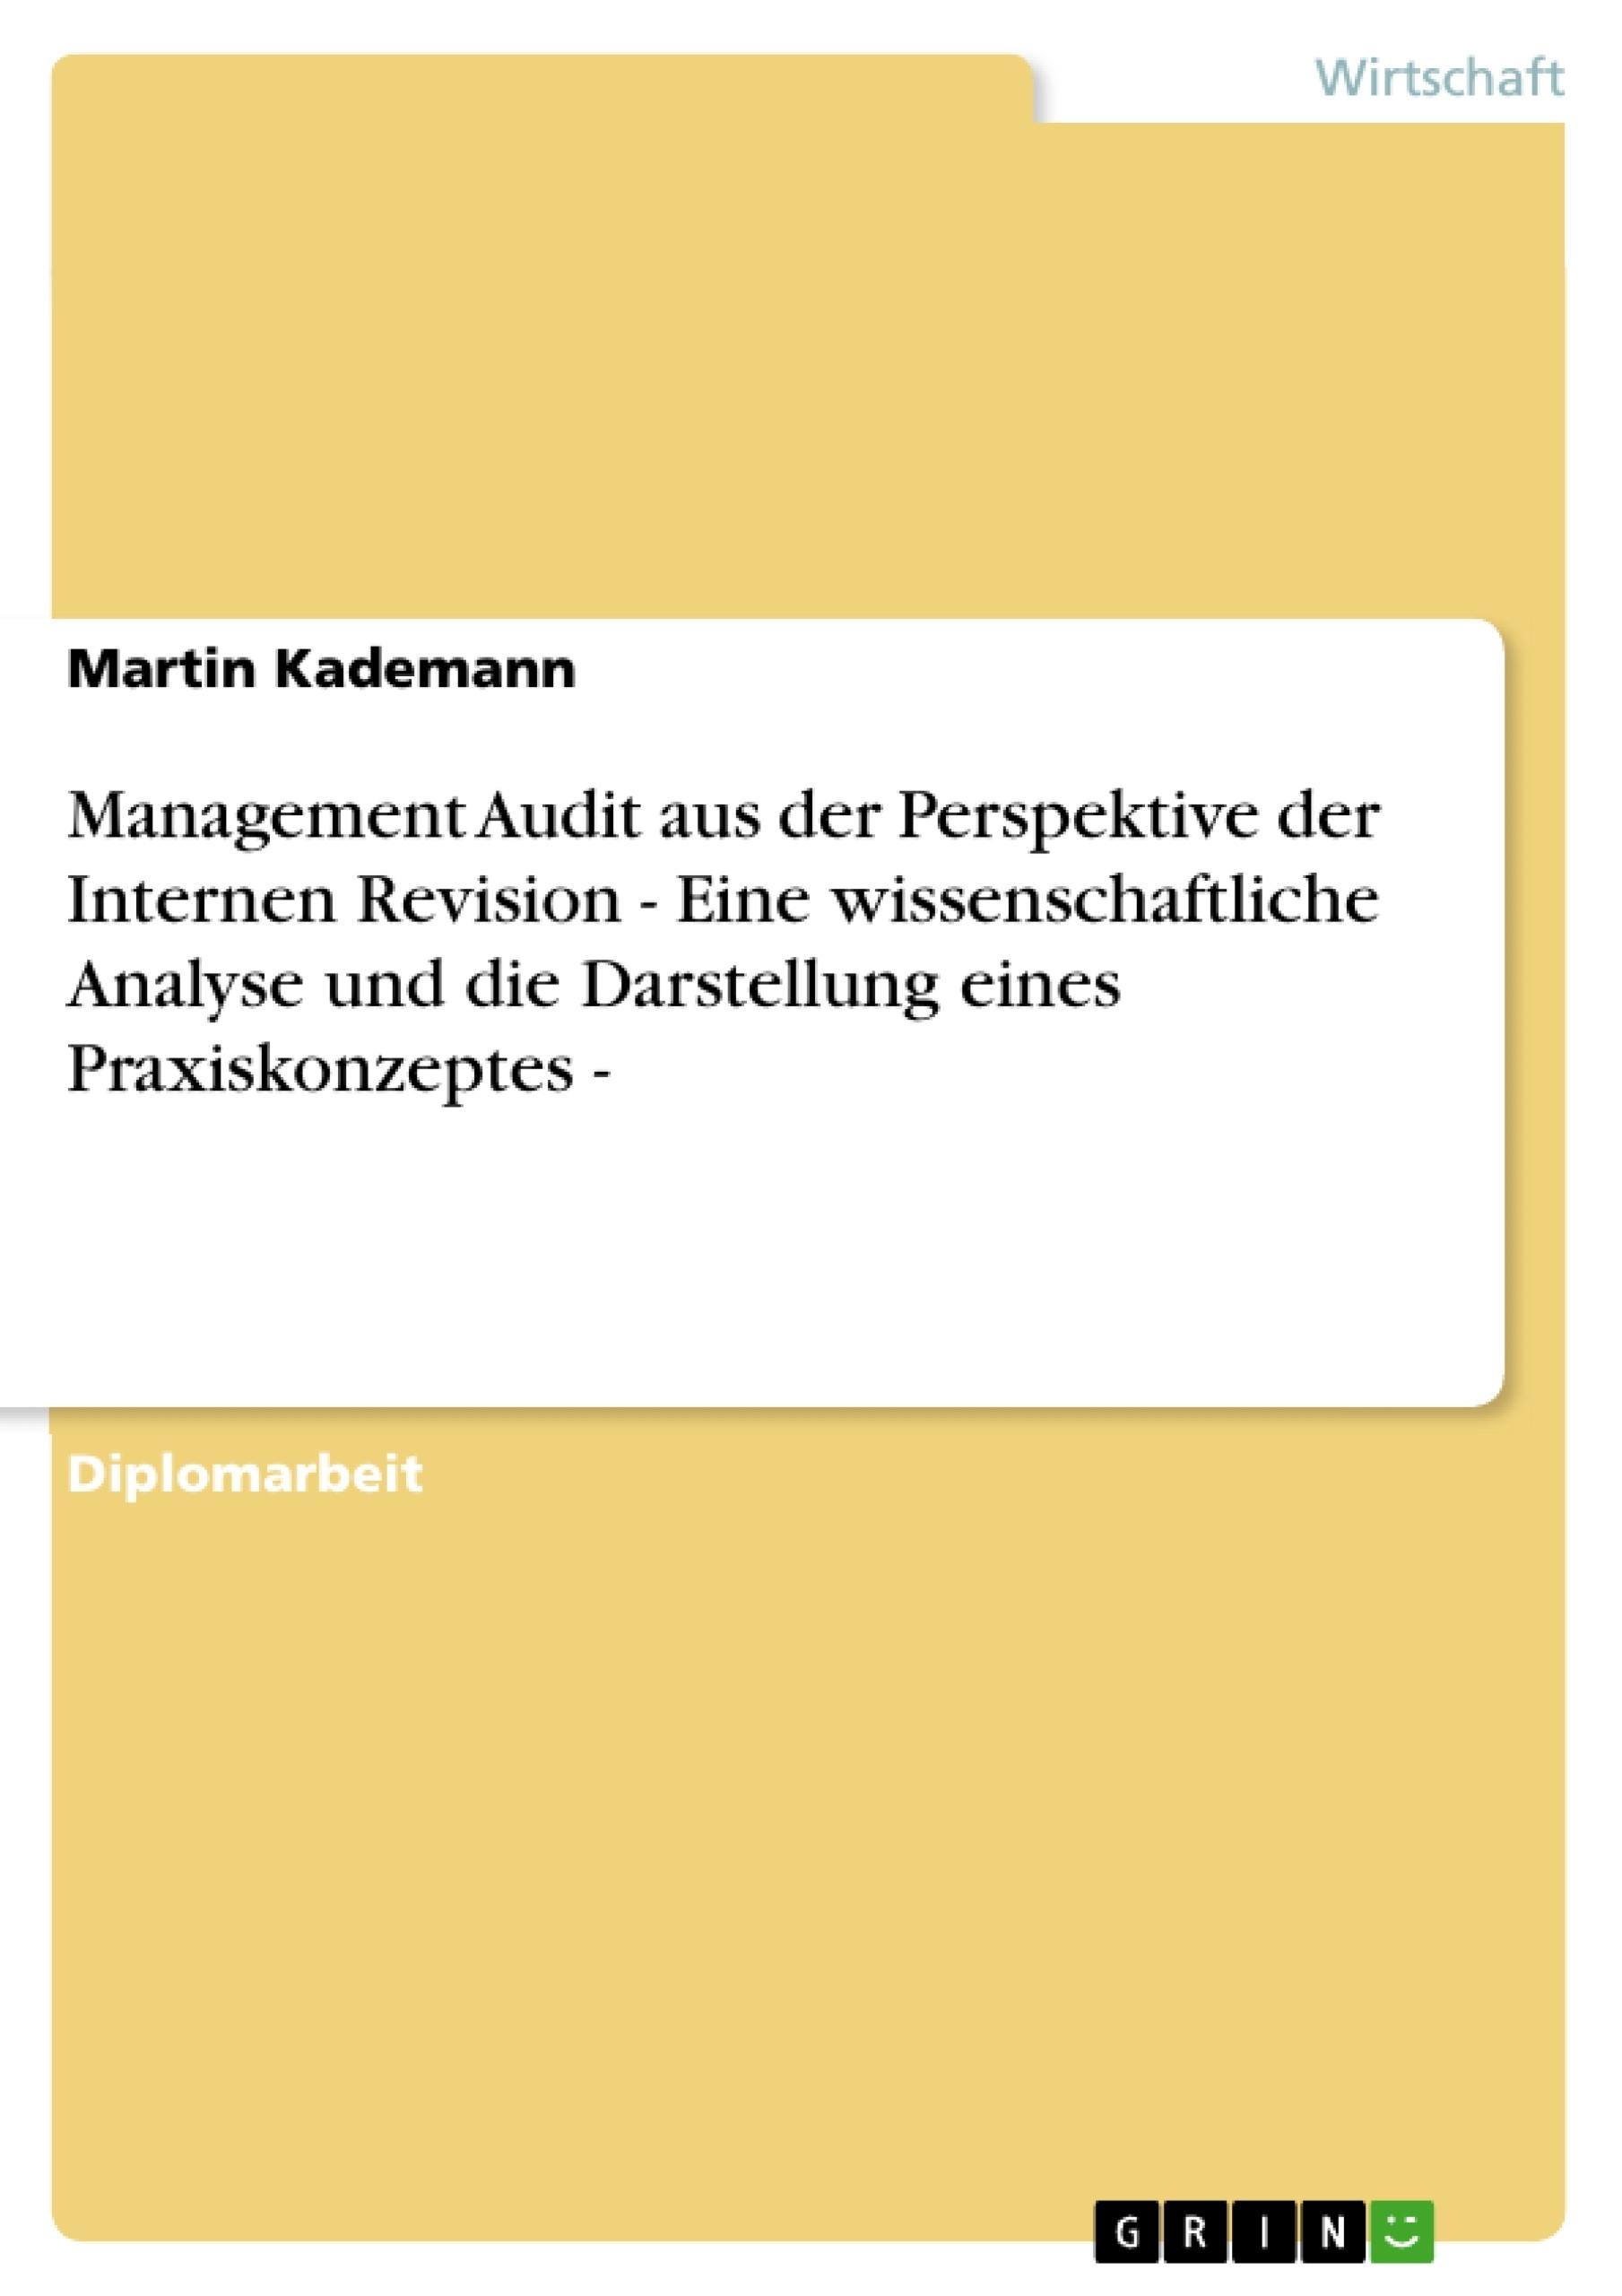 Titel: Management Audit aus der Perspektive der Internen Revision - Eine wissenschaftliche Analyse und die Darstellung eines Praxiskonzeptes -